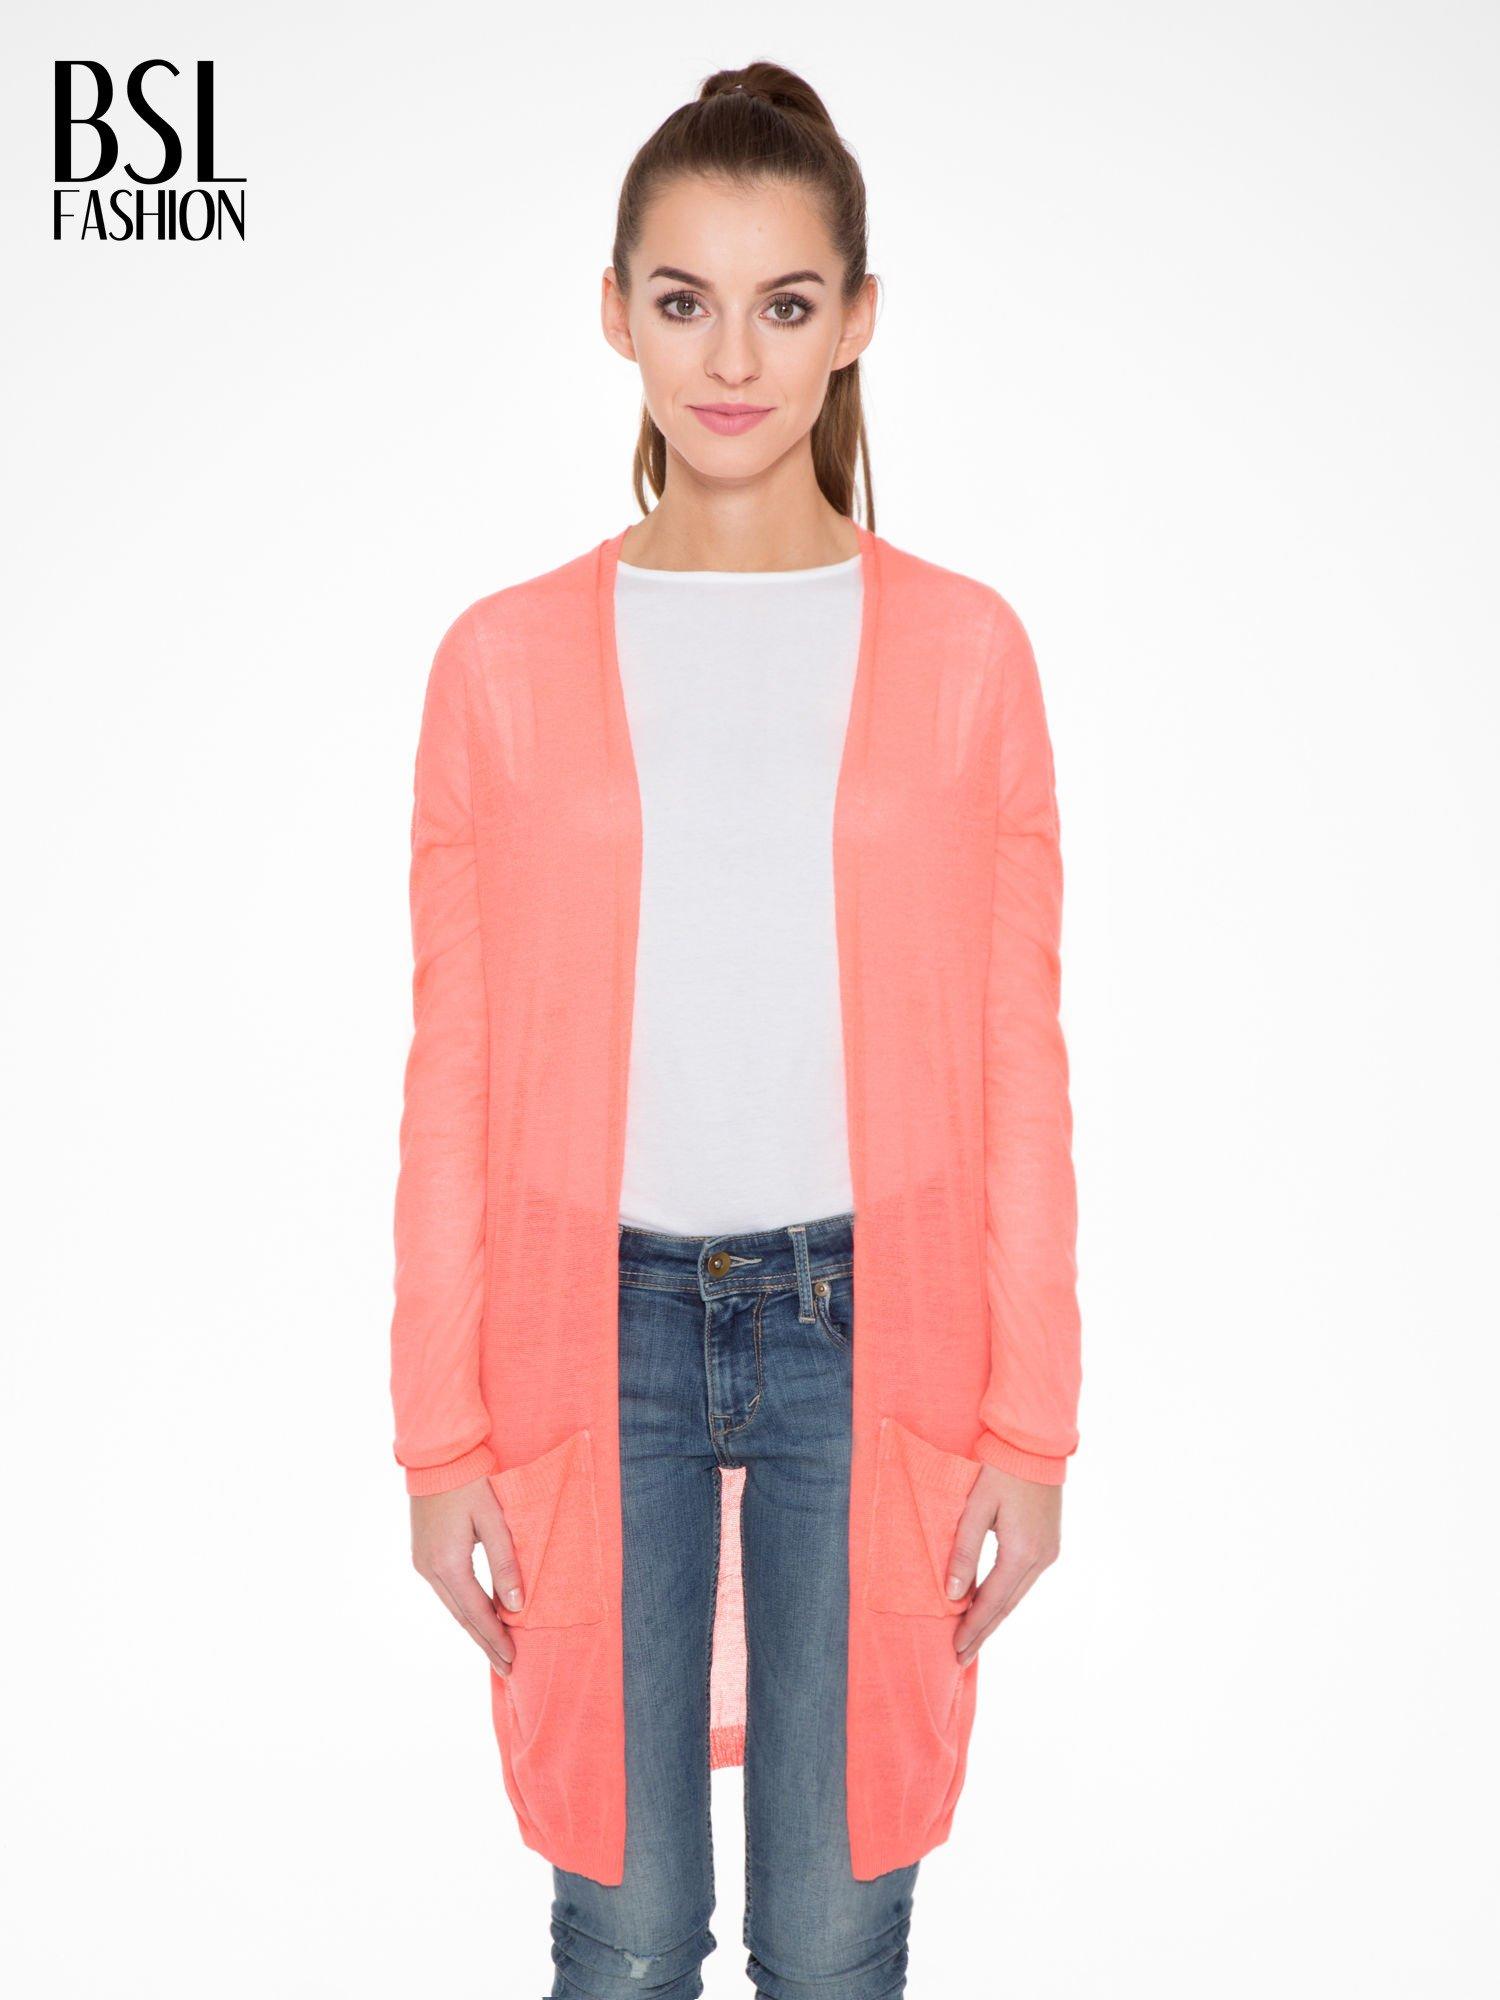 Koralowy długi sweter typu kardigan z kieszonkami                                  zdj.                                  1